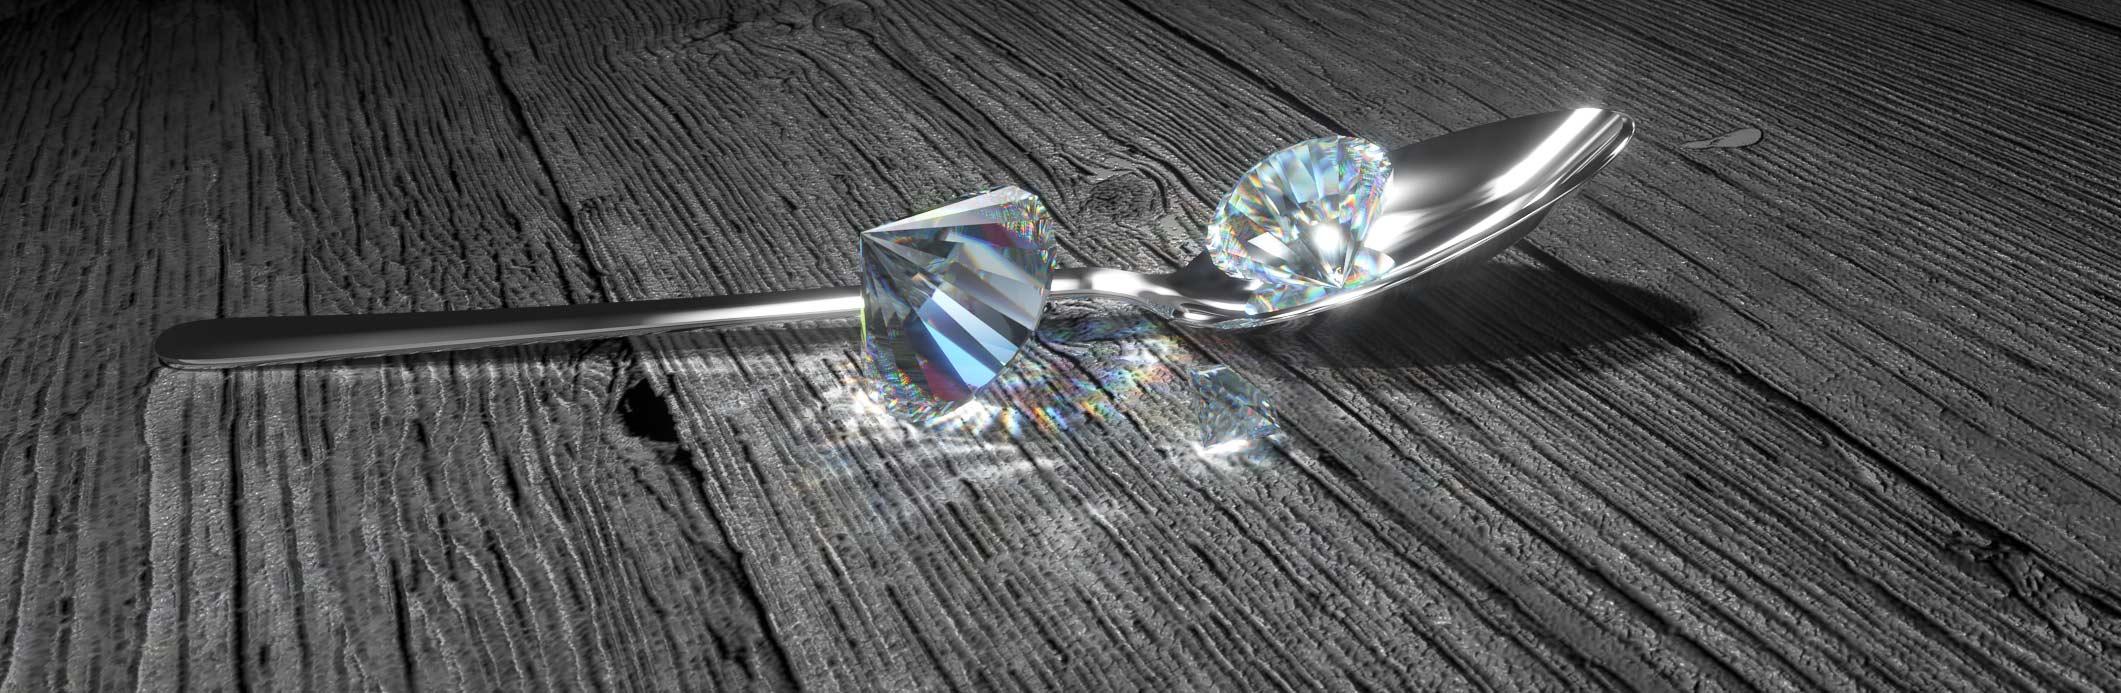 Loeffel und Diamanten 3d Logovisualisierung